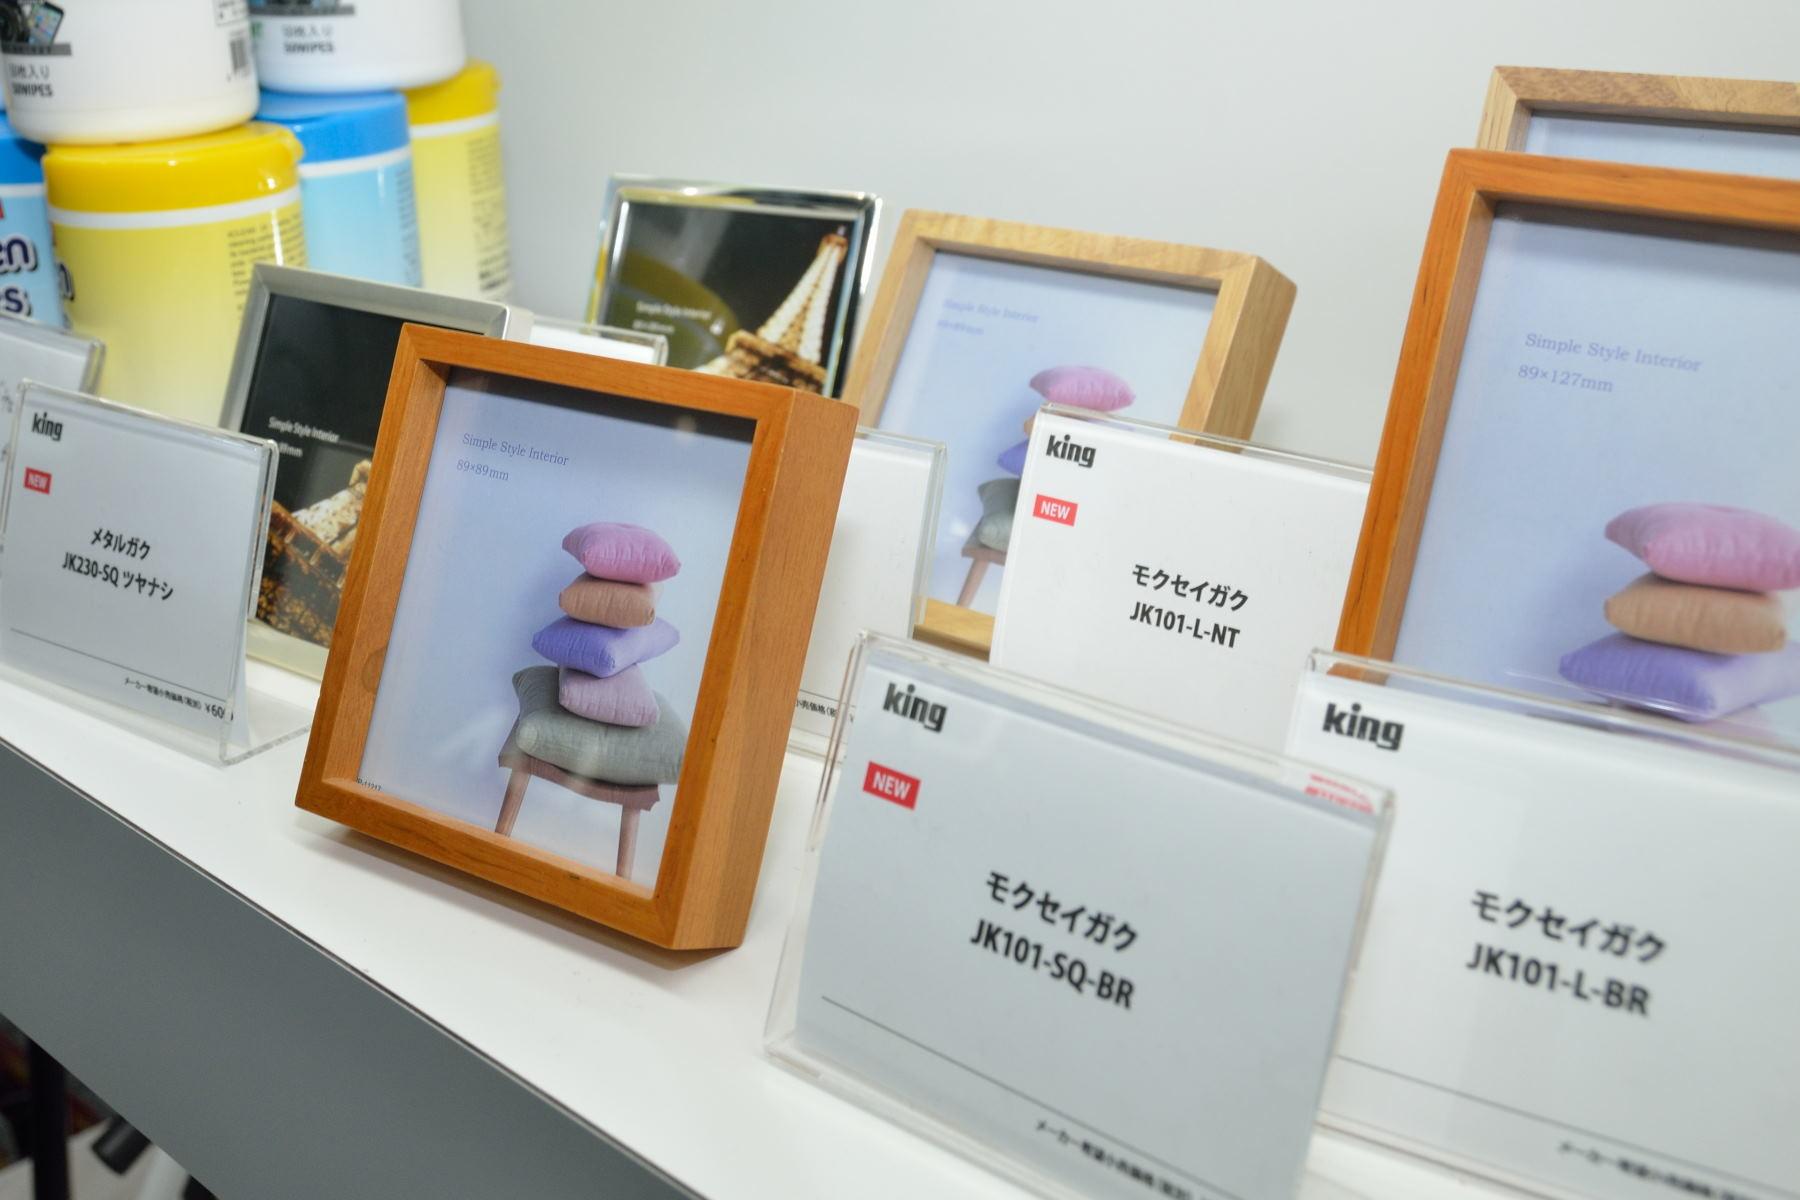 写真額「木製額JK101シリーズ」(ナチュラル、ブラウン)「アルミ額 JK230シリーズ」(つやあり、つやなし)(いずれも648円)にはスクエアサイズがあらたに加わった。